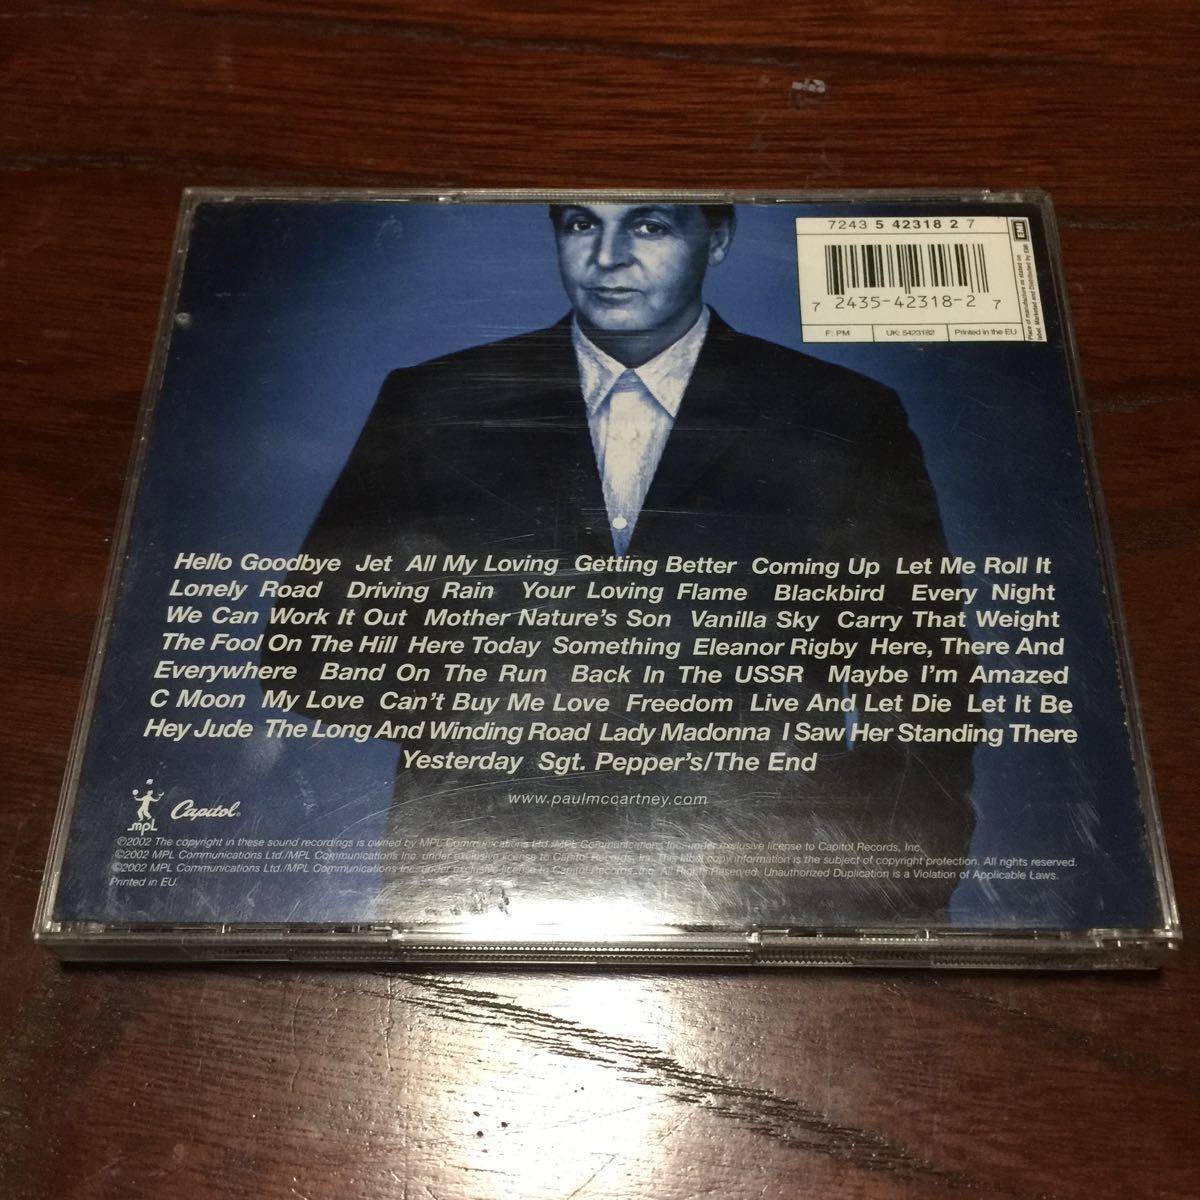 ポール・マッカートニー back in the u.s. LIVE 2002 EU盤2枚組CD